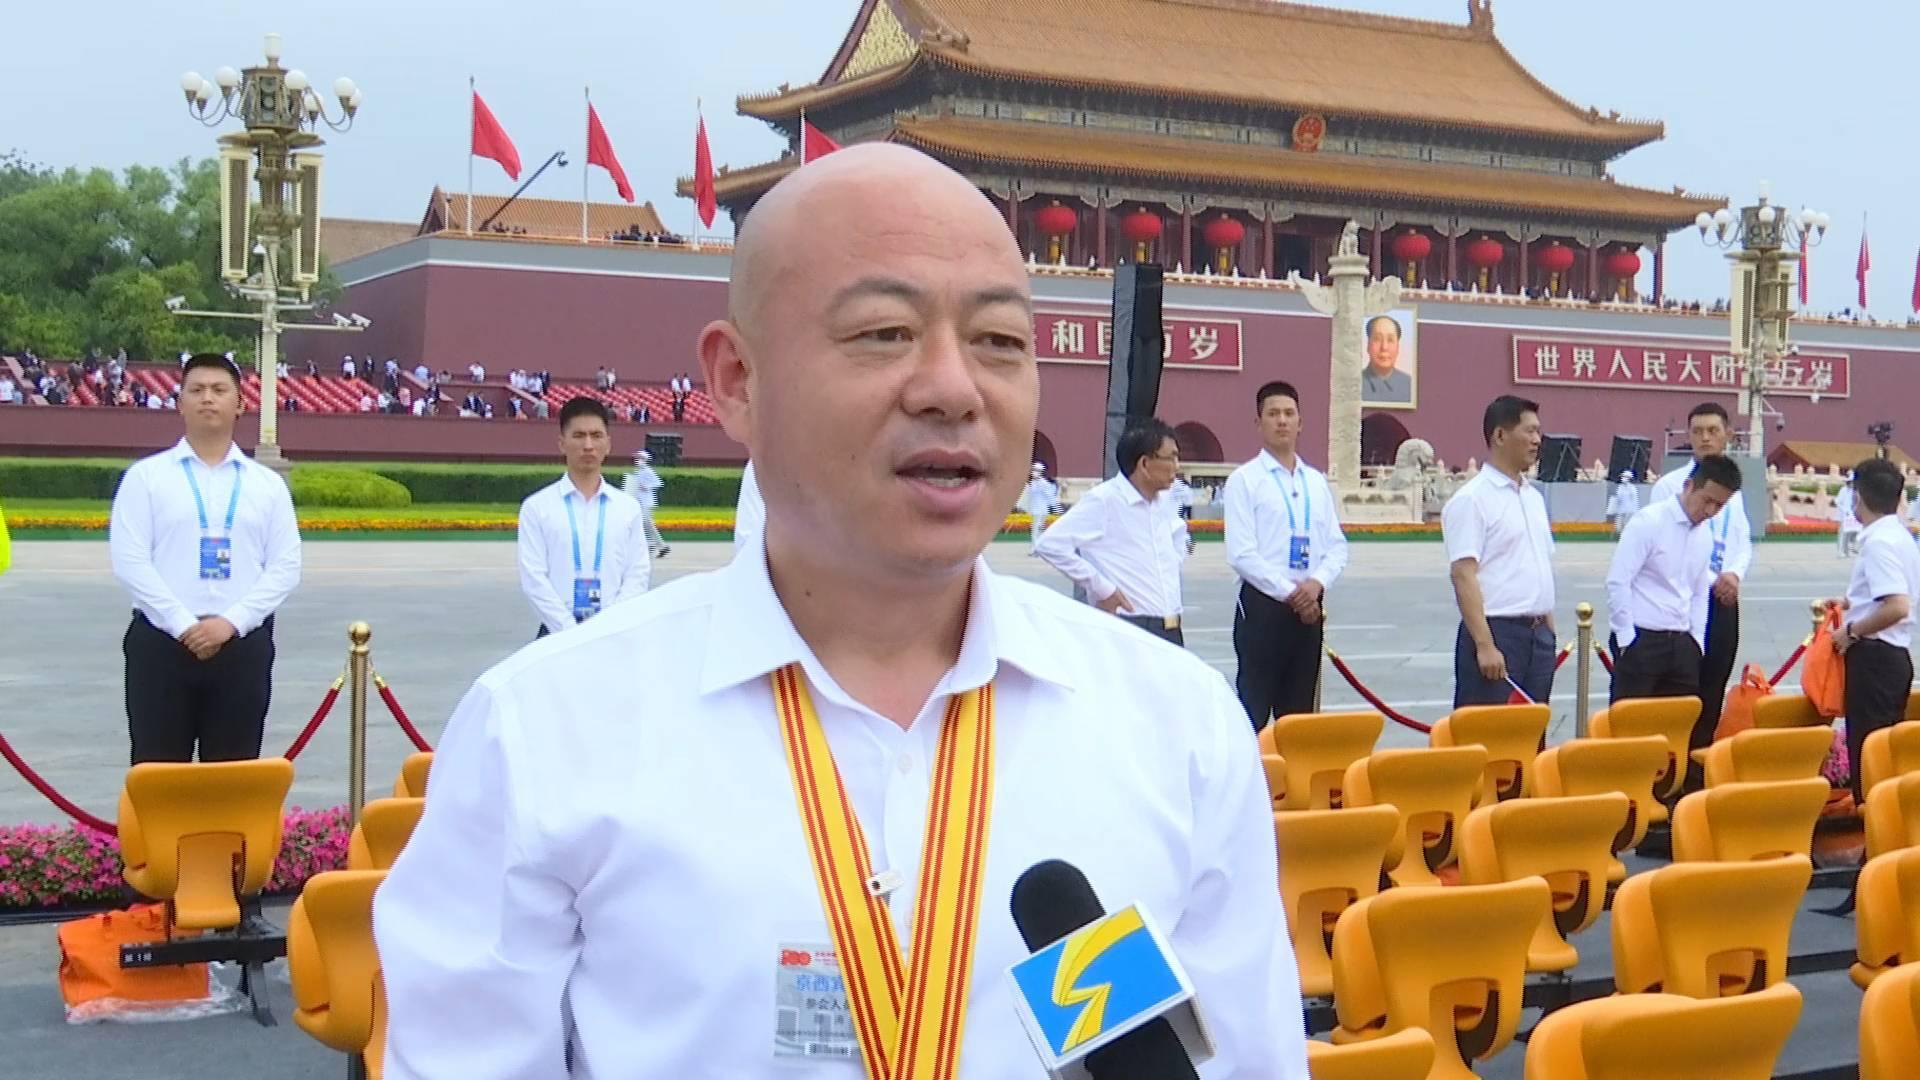 全国优秀党务工作者邵涛:打造把居民当家人 把社区当家庭的党务工作品牌